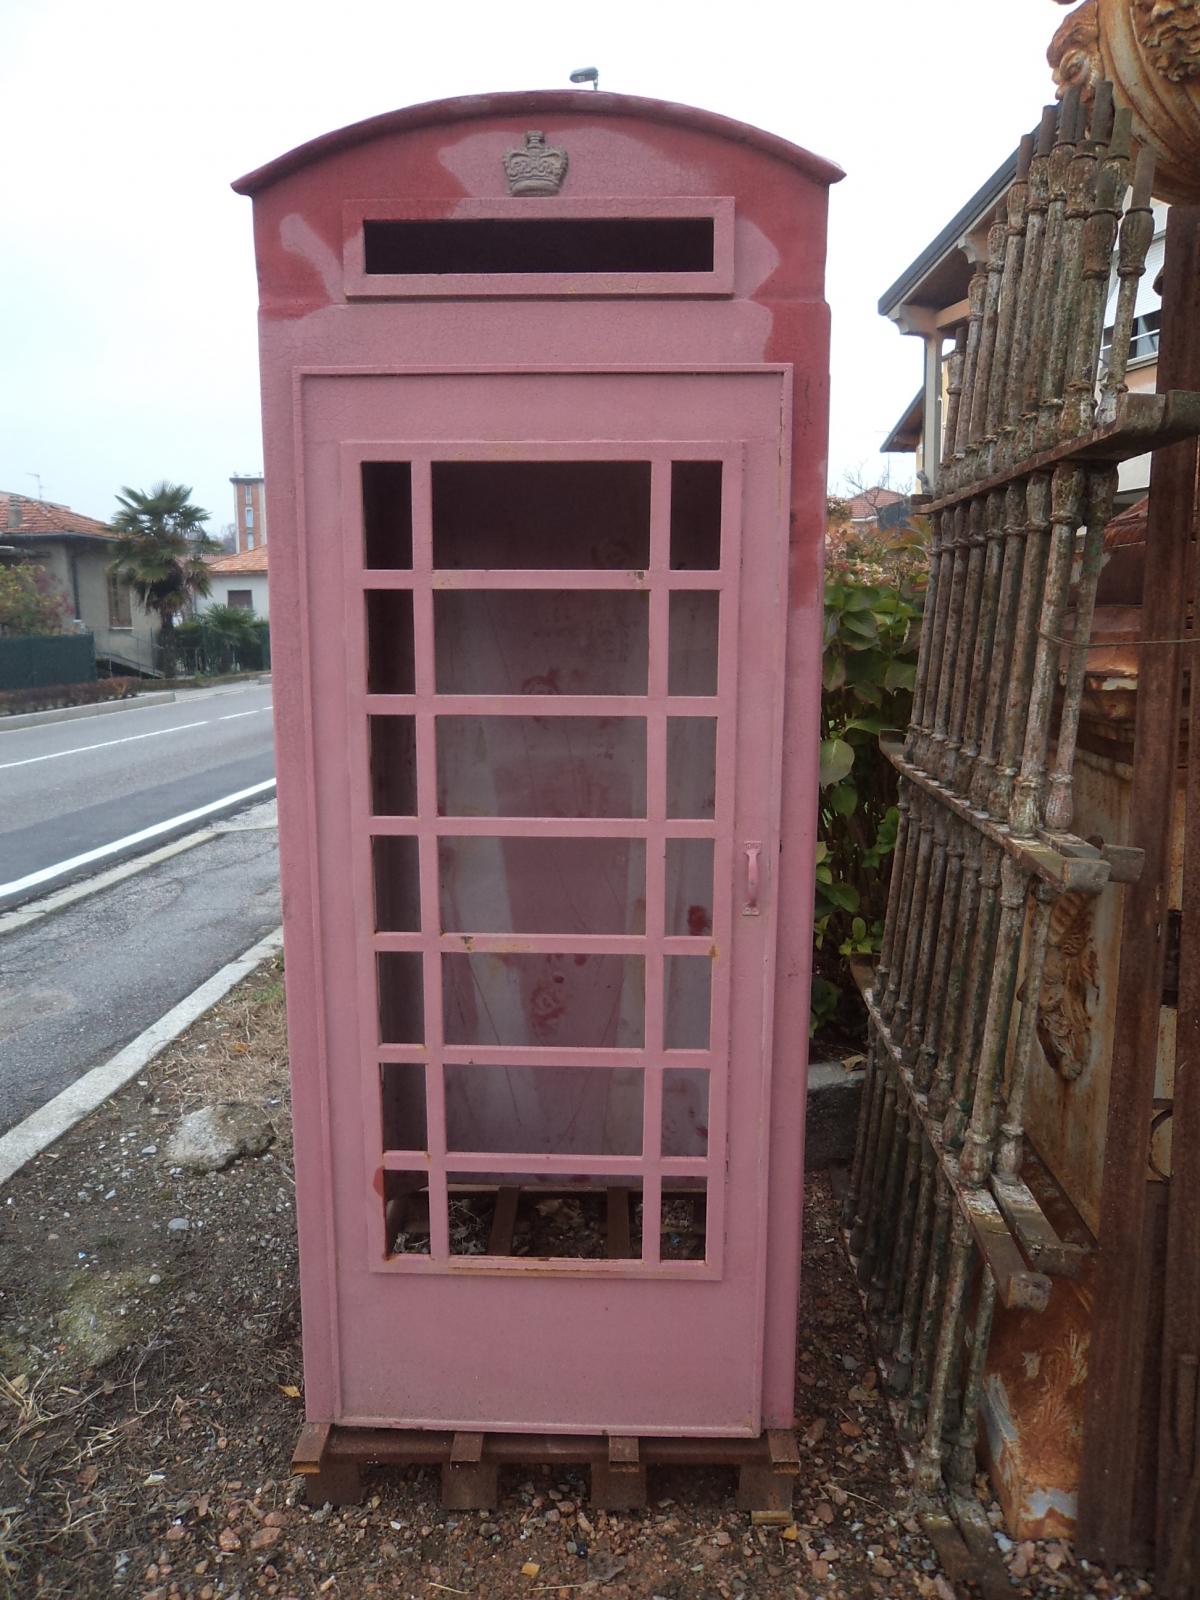 Oggettistica cabina telefonica inglese anni 60 for Cabina telefonica inglese arredamento